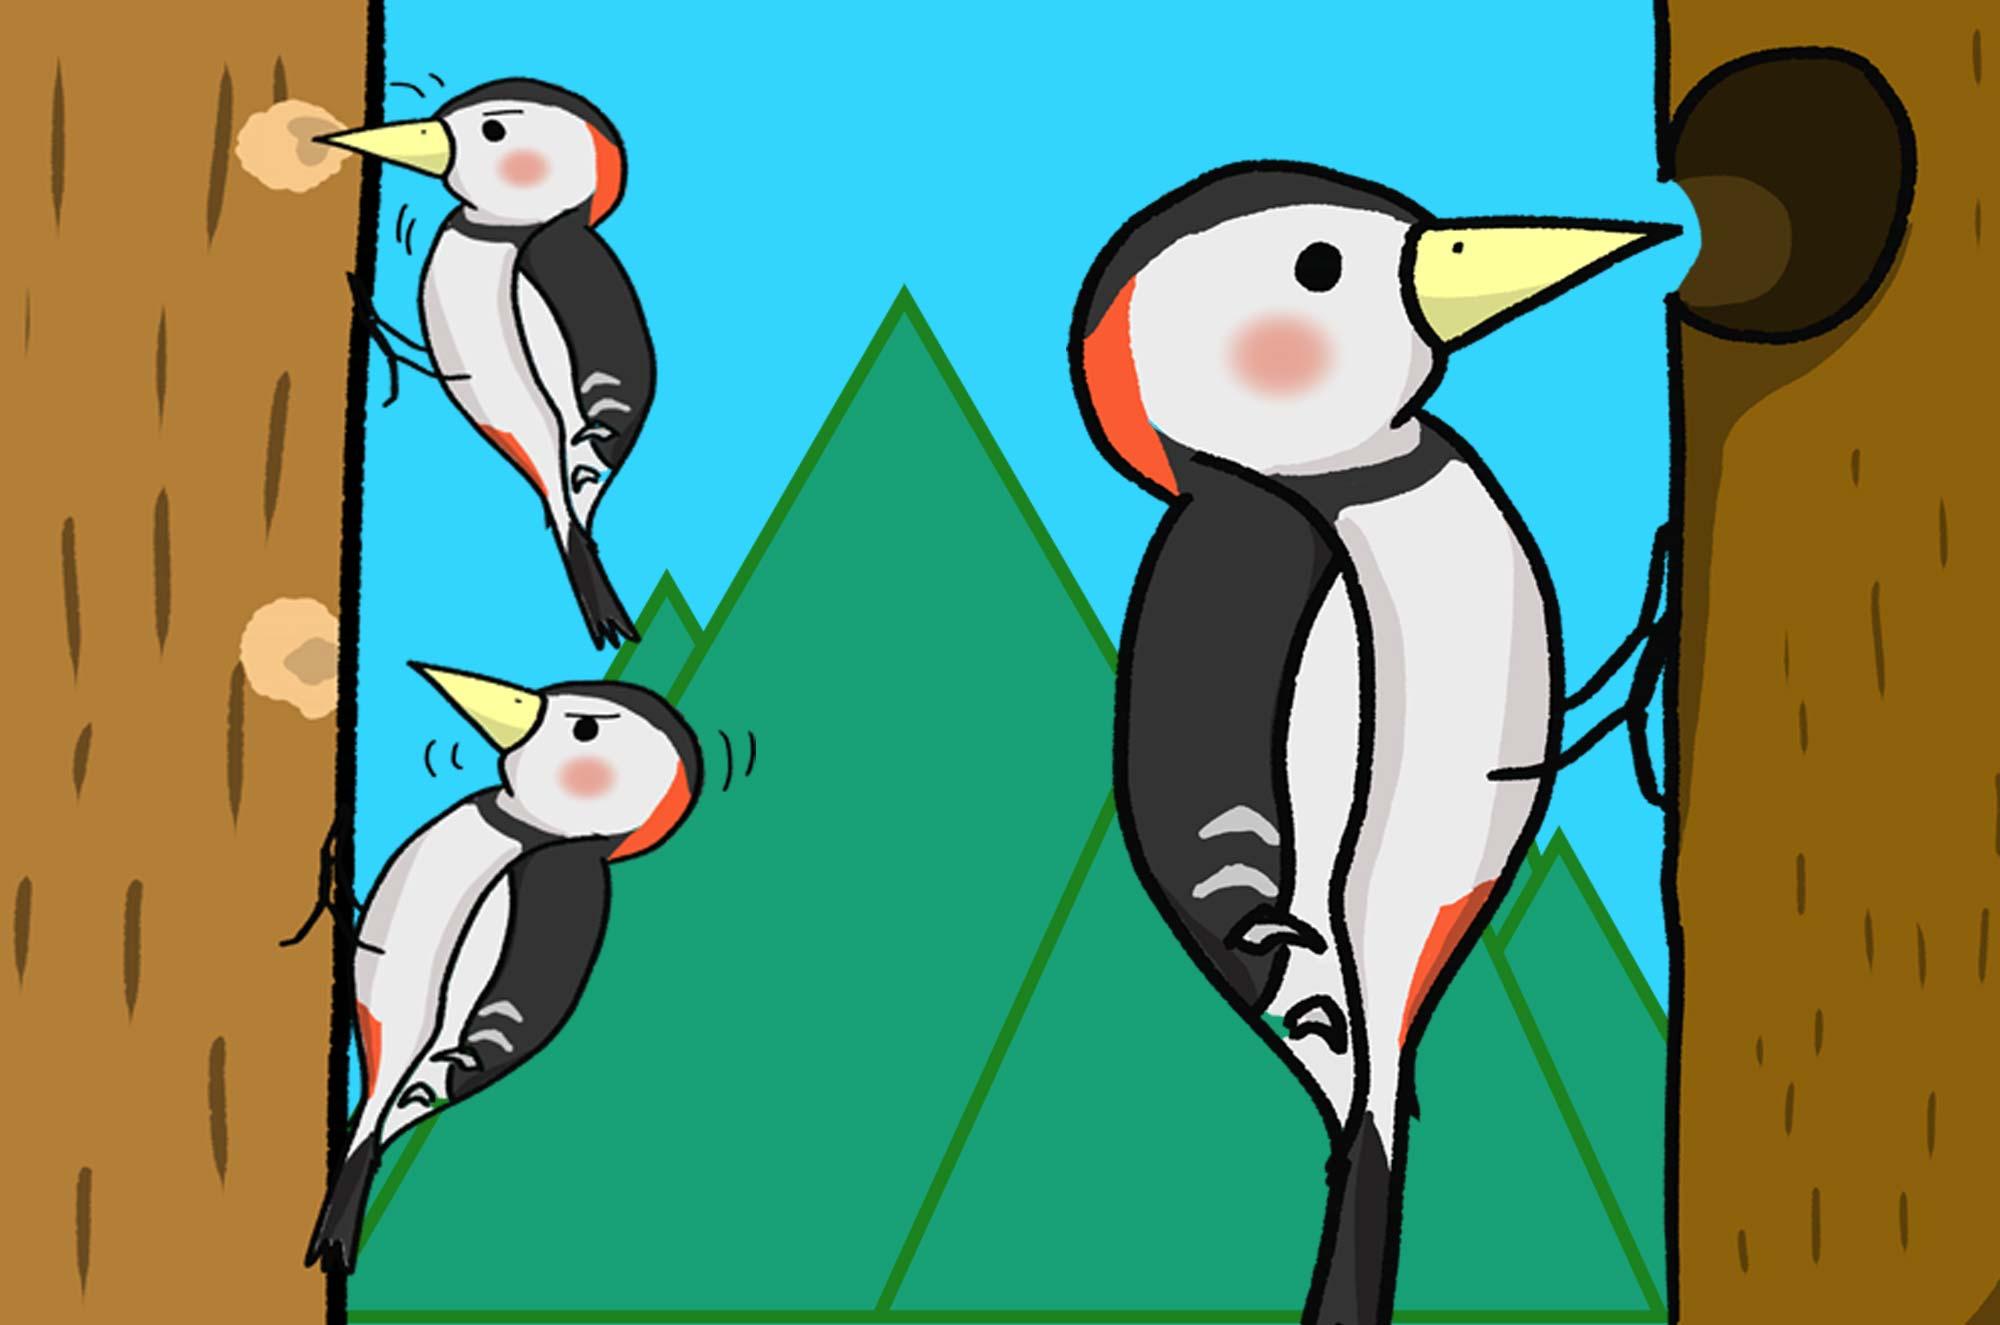 可愛いキツツキのイラスト - 突っつきまくる鳥の面白素材